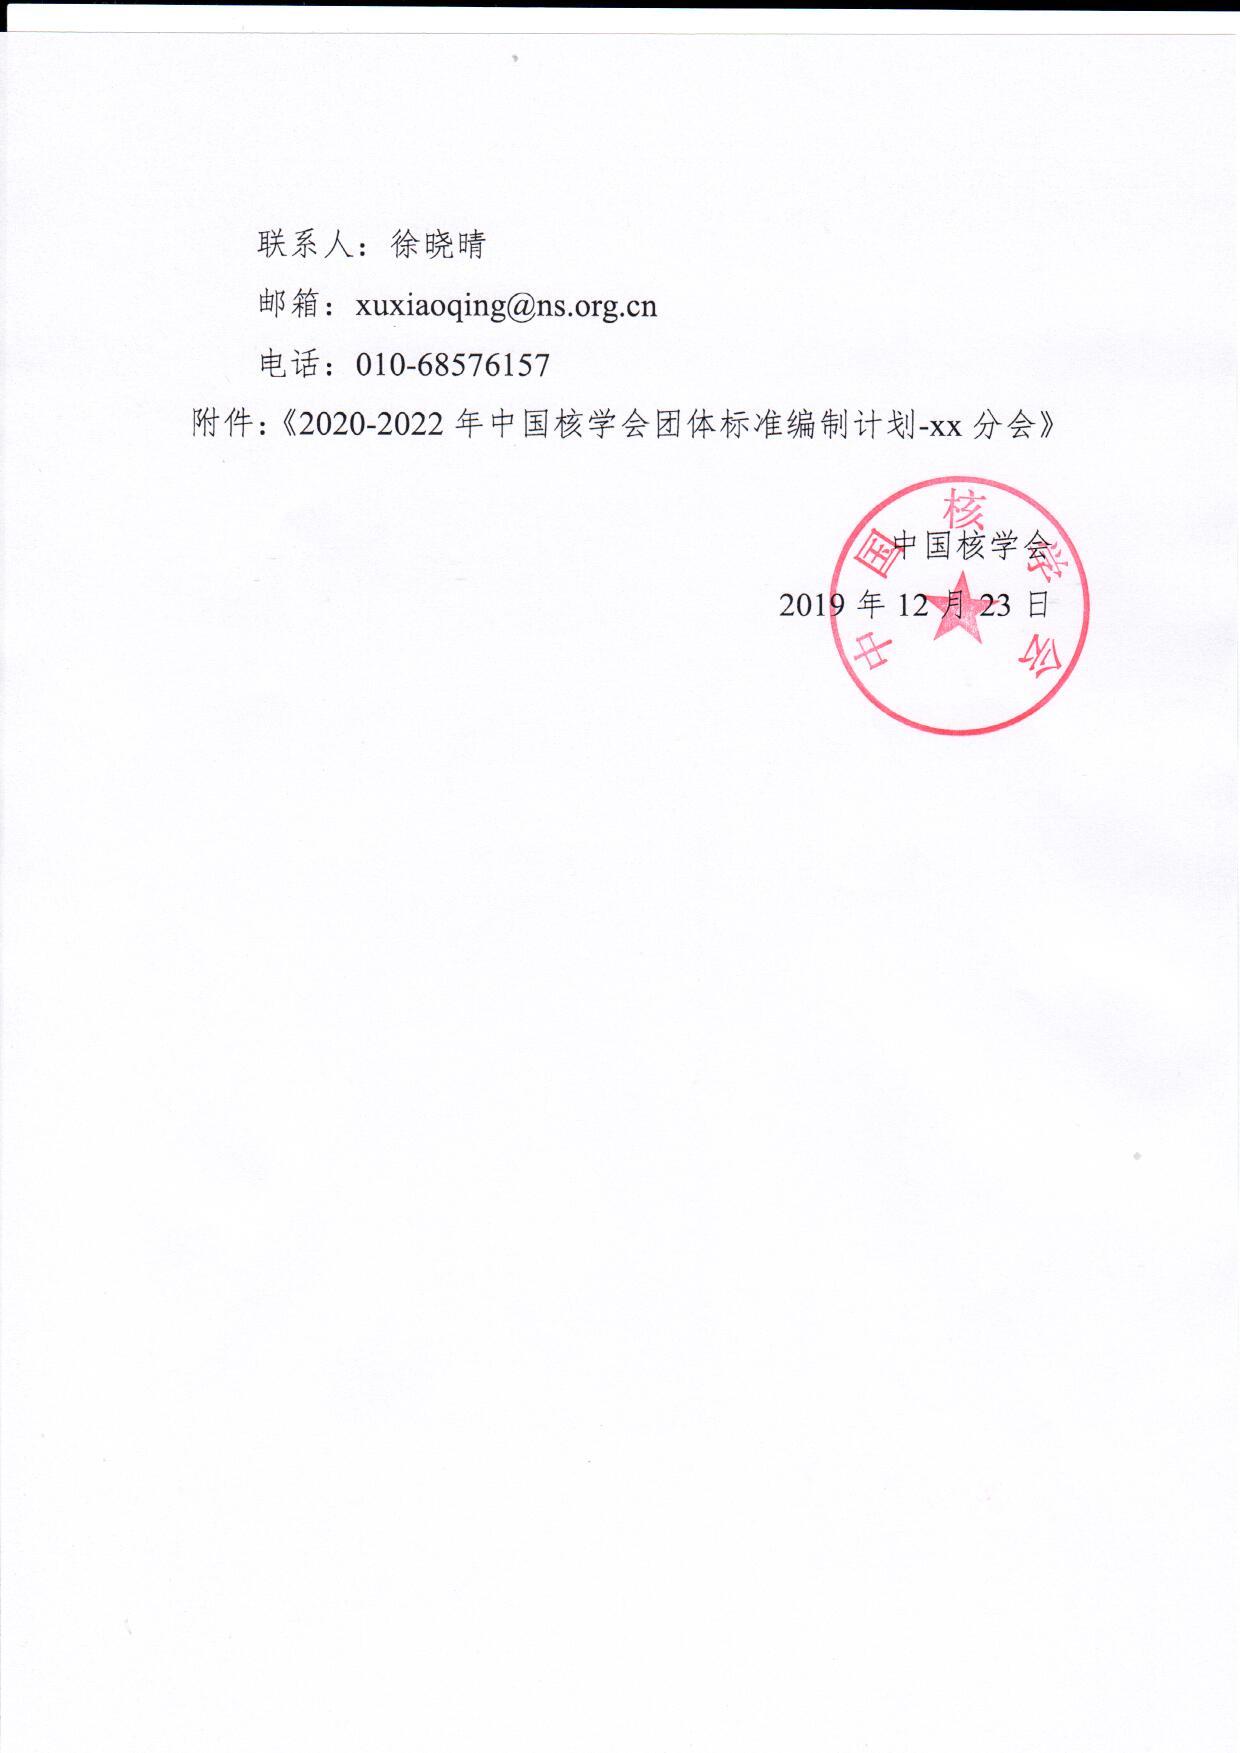 关于报送中国核学会团体标准2020-2022年编制计划的通知_页面_2.jpg